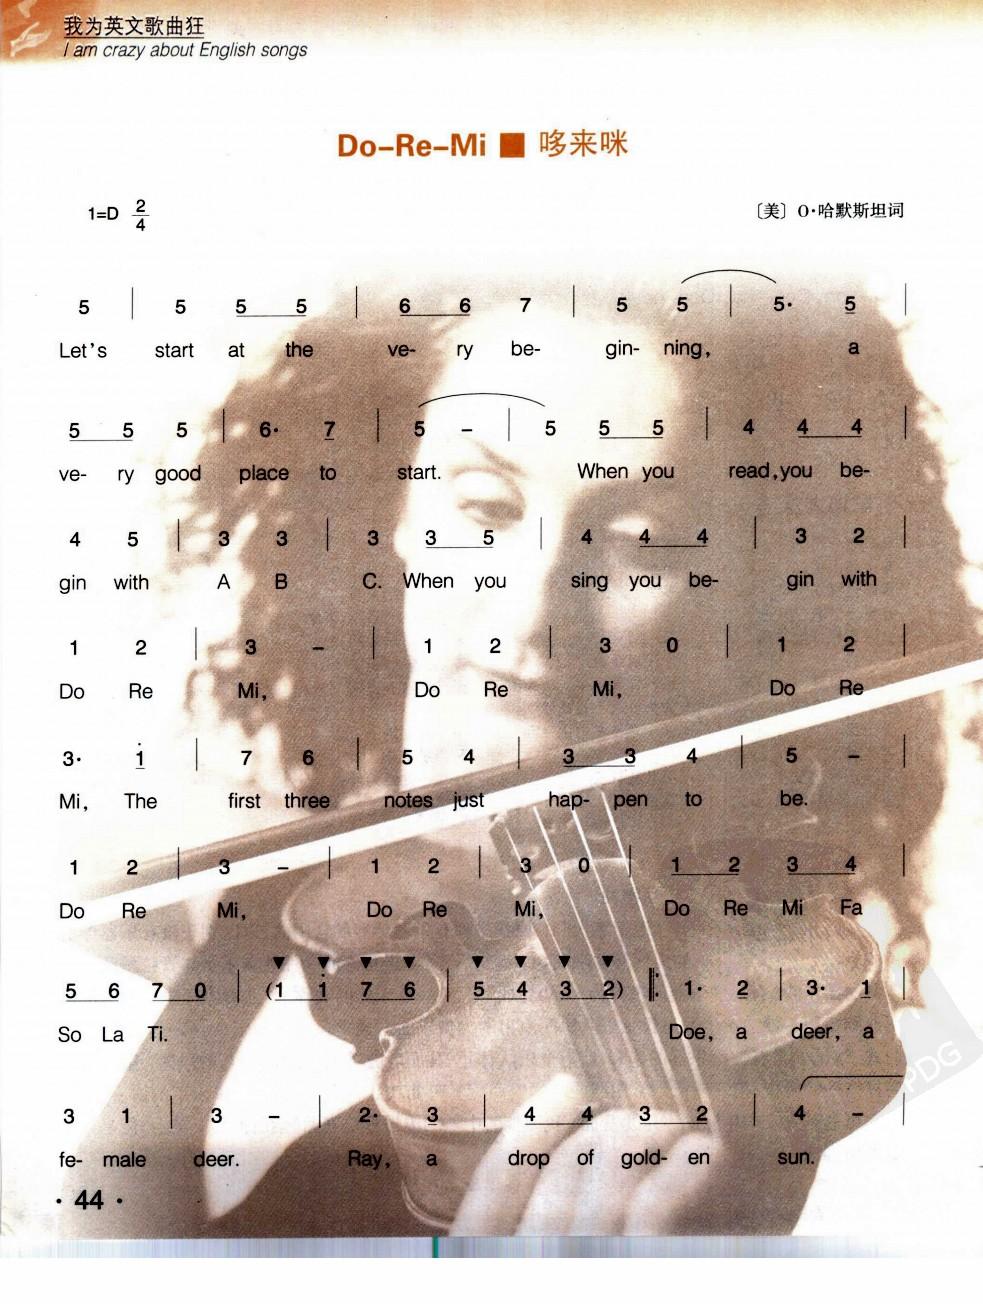 哆来咪的简谱; 哆来咪英文歌词简谱; 经典英文歌曲简谱常春藤首创解析图片